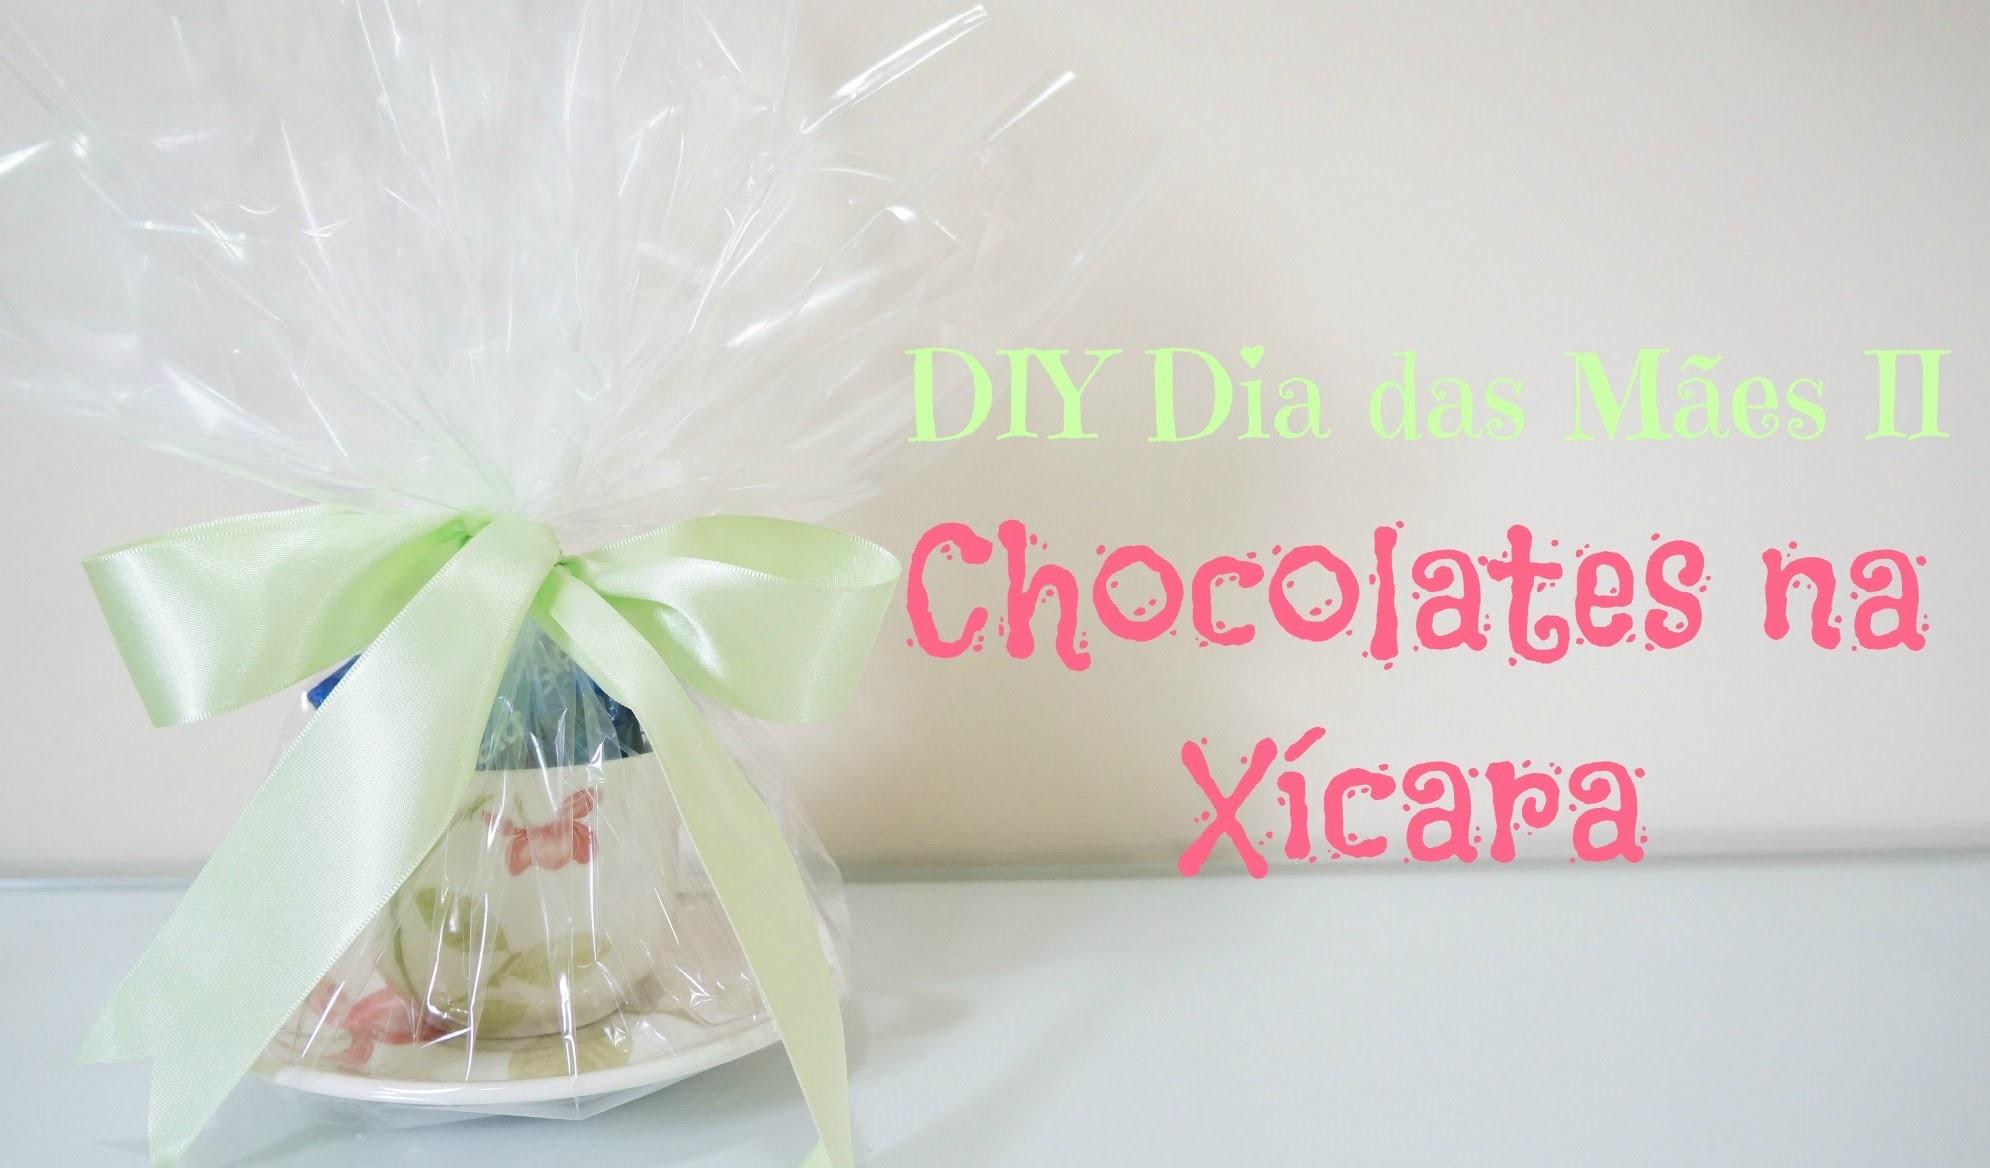 DIY Dia das Mães 2 | Chocolates na Xícara